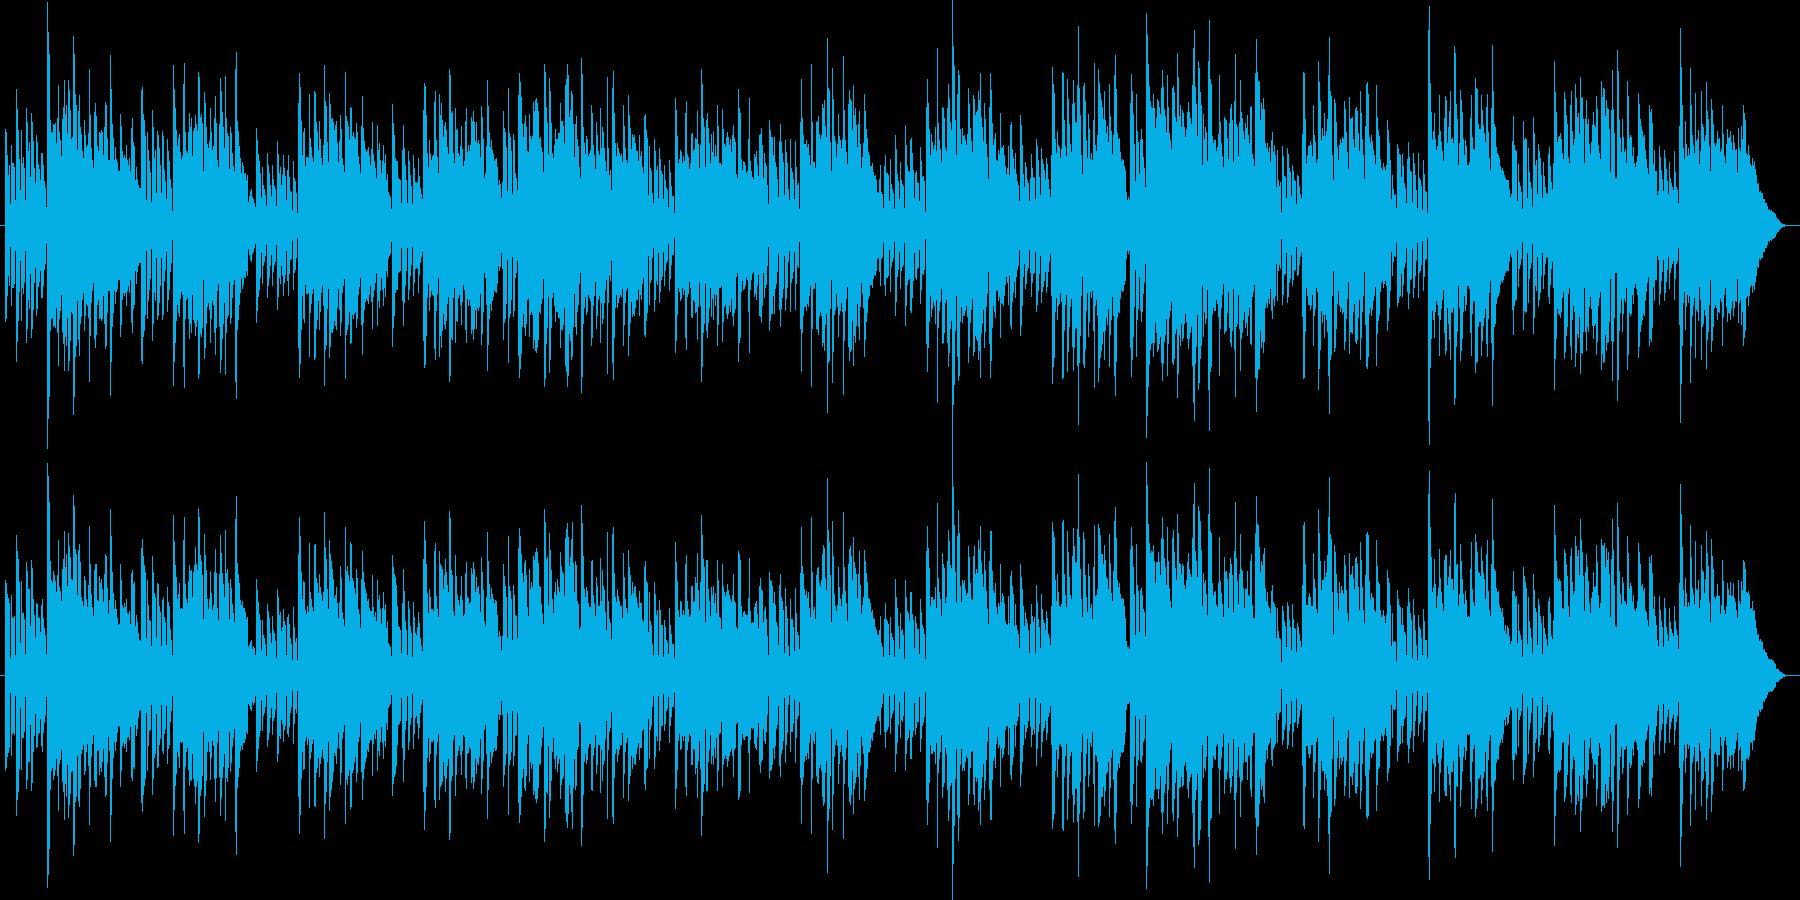 ベートーヴェン エリーゼのために 結婚式の再生済みの波形